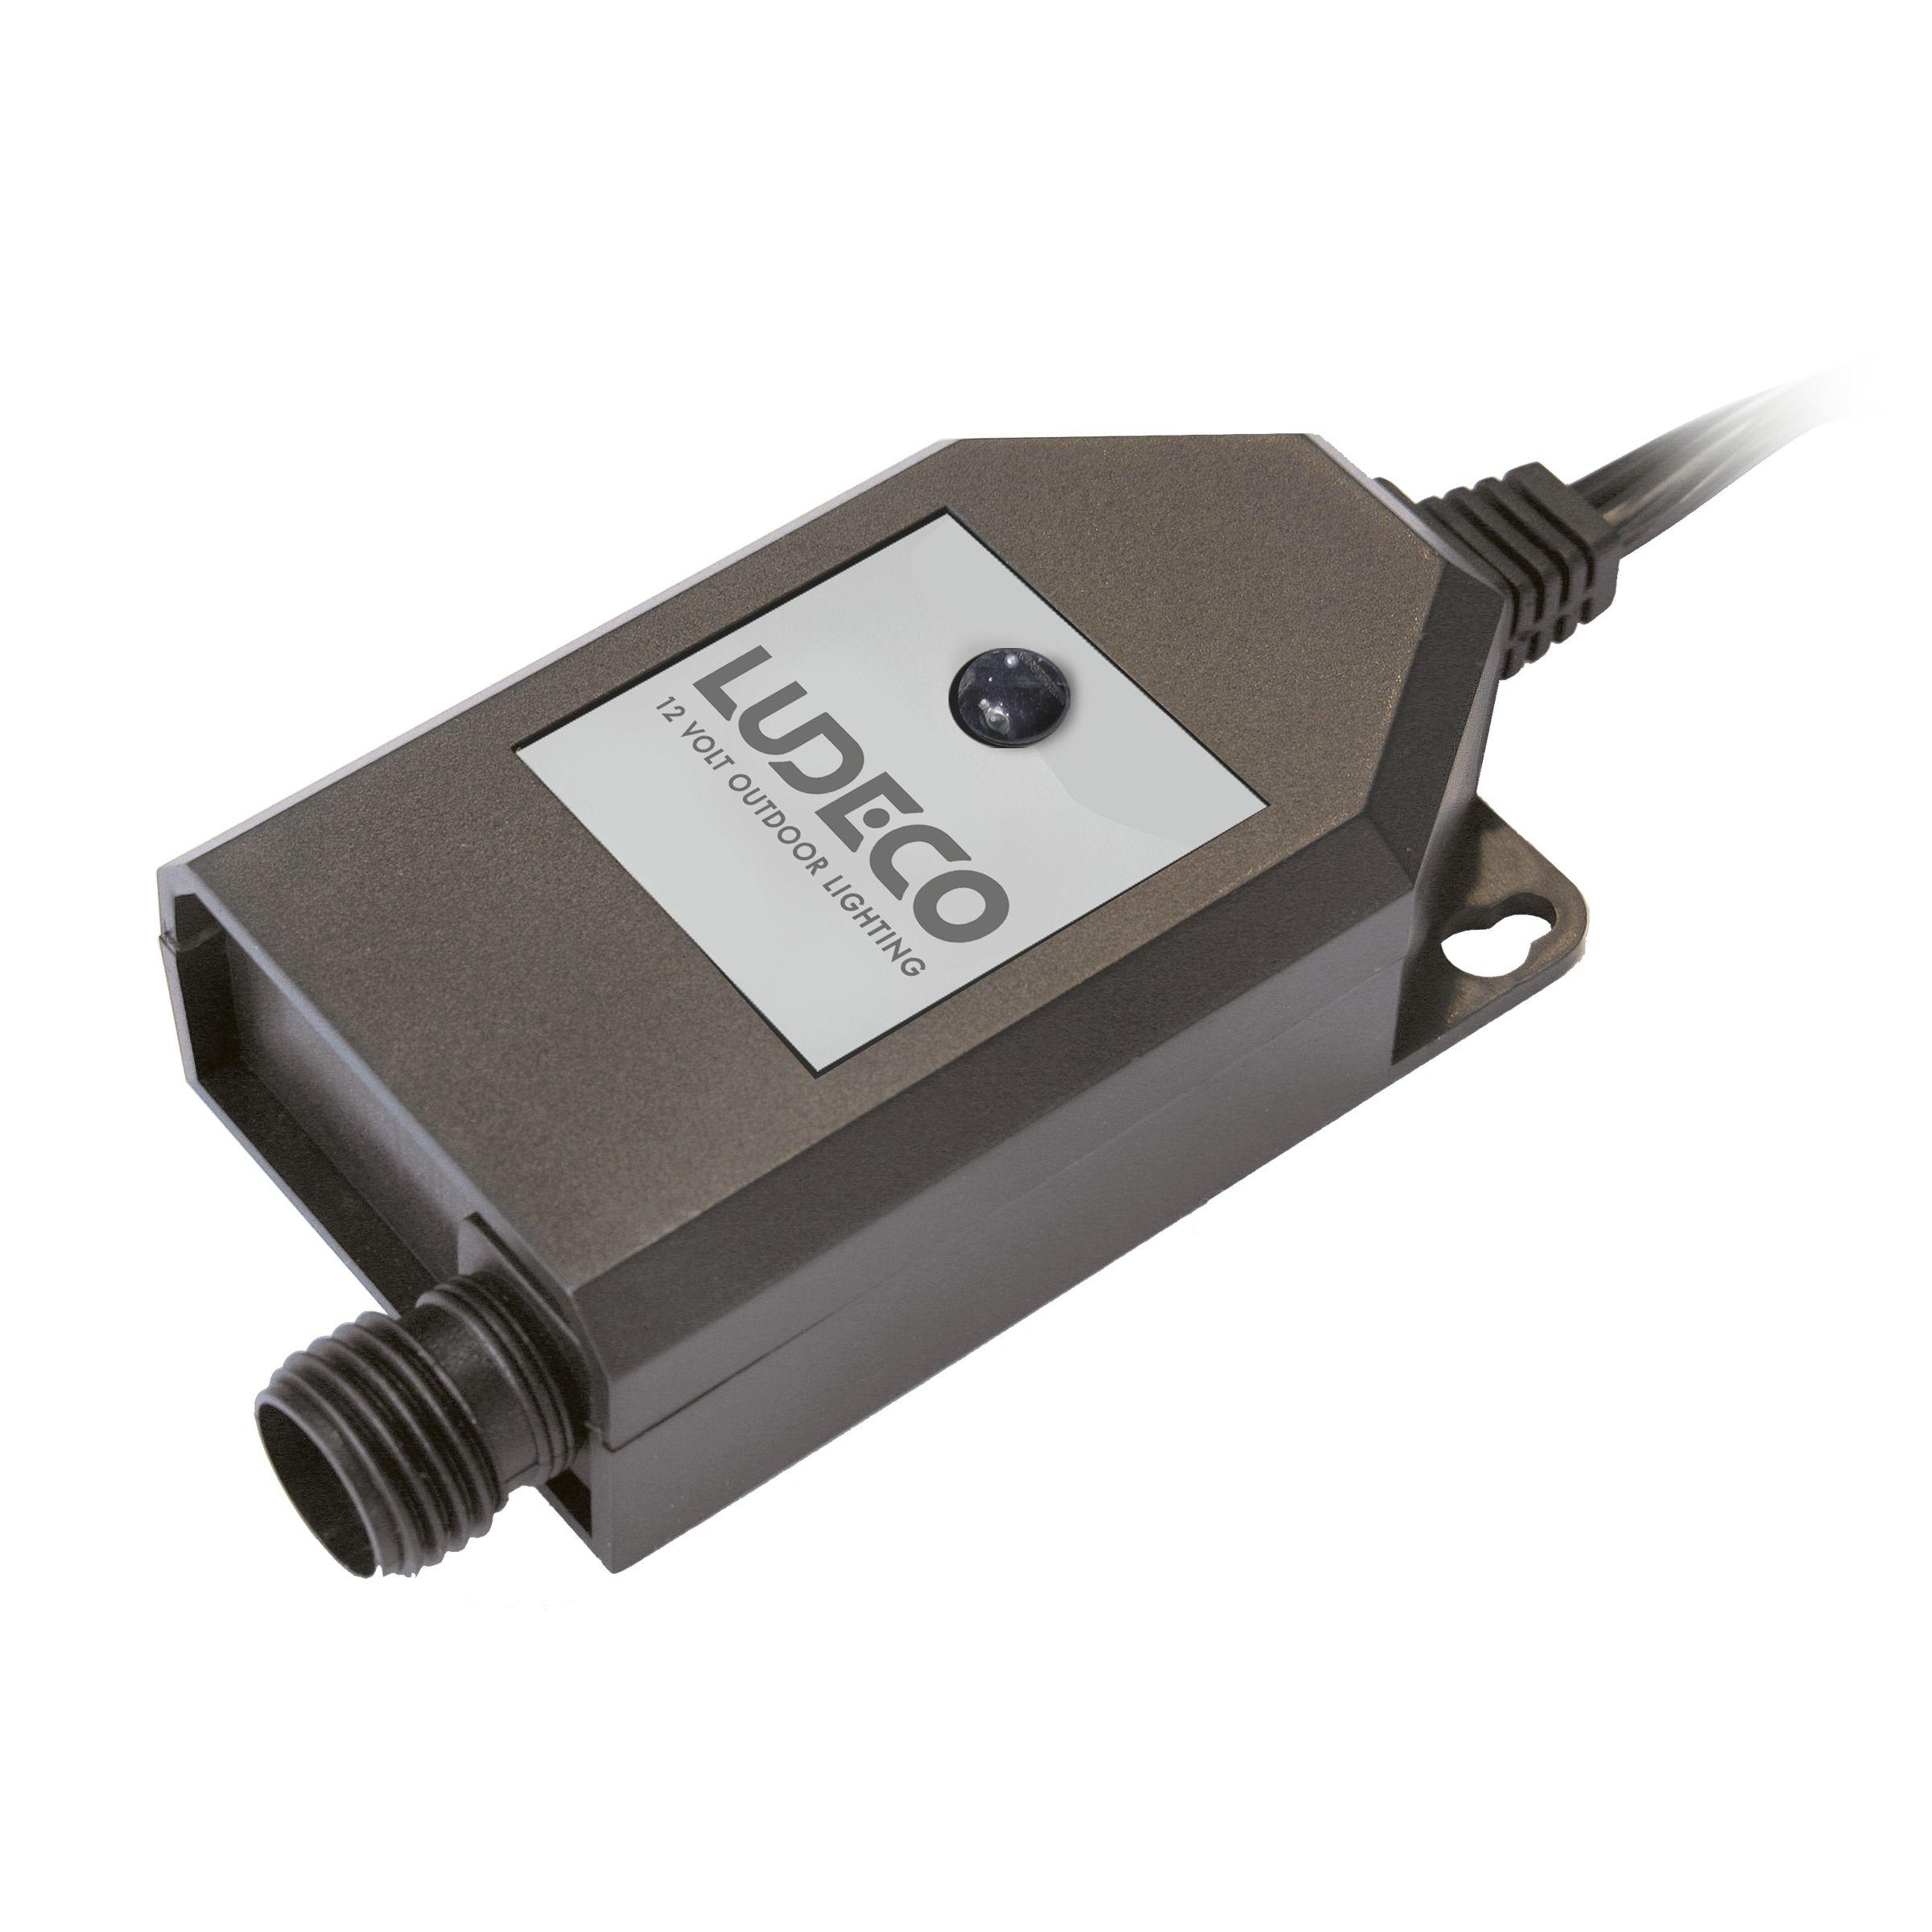 Buitenlamp Met Sensor Karwei.Ludeco Buitenlamp Sensor Products In 2019 Buitenlampen